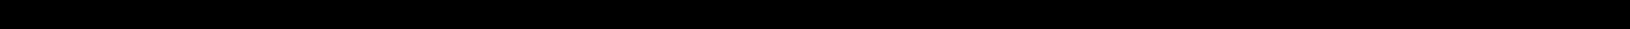 モノクロの装飾用イラスト